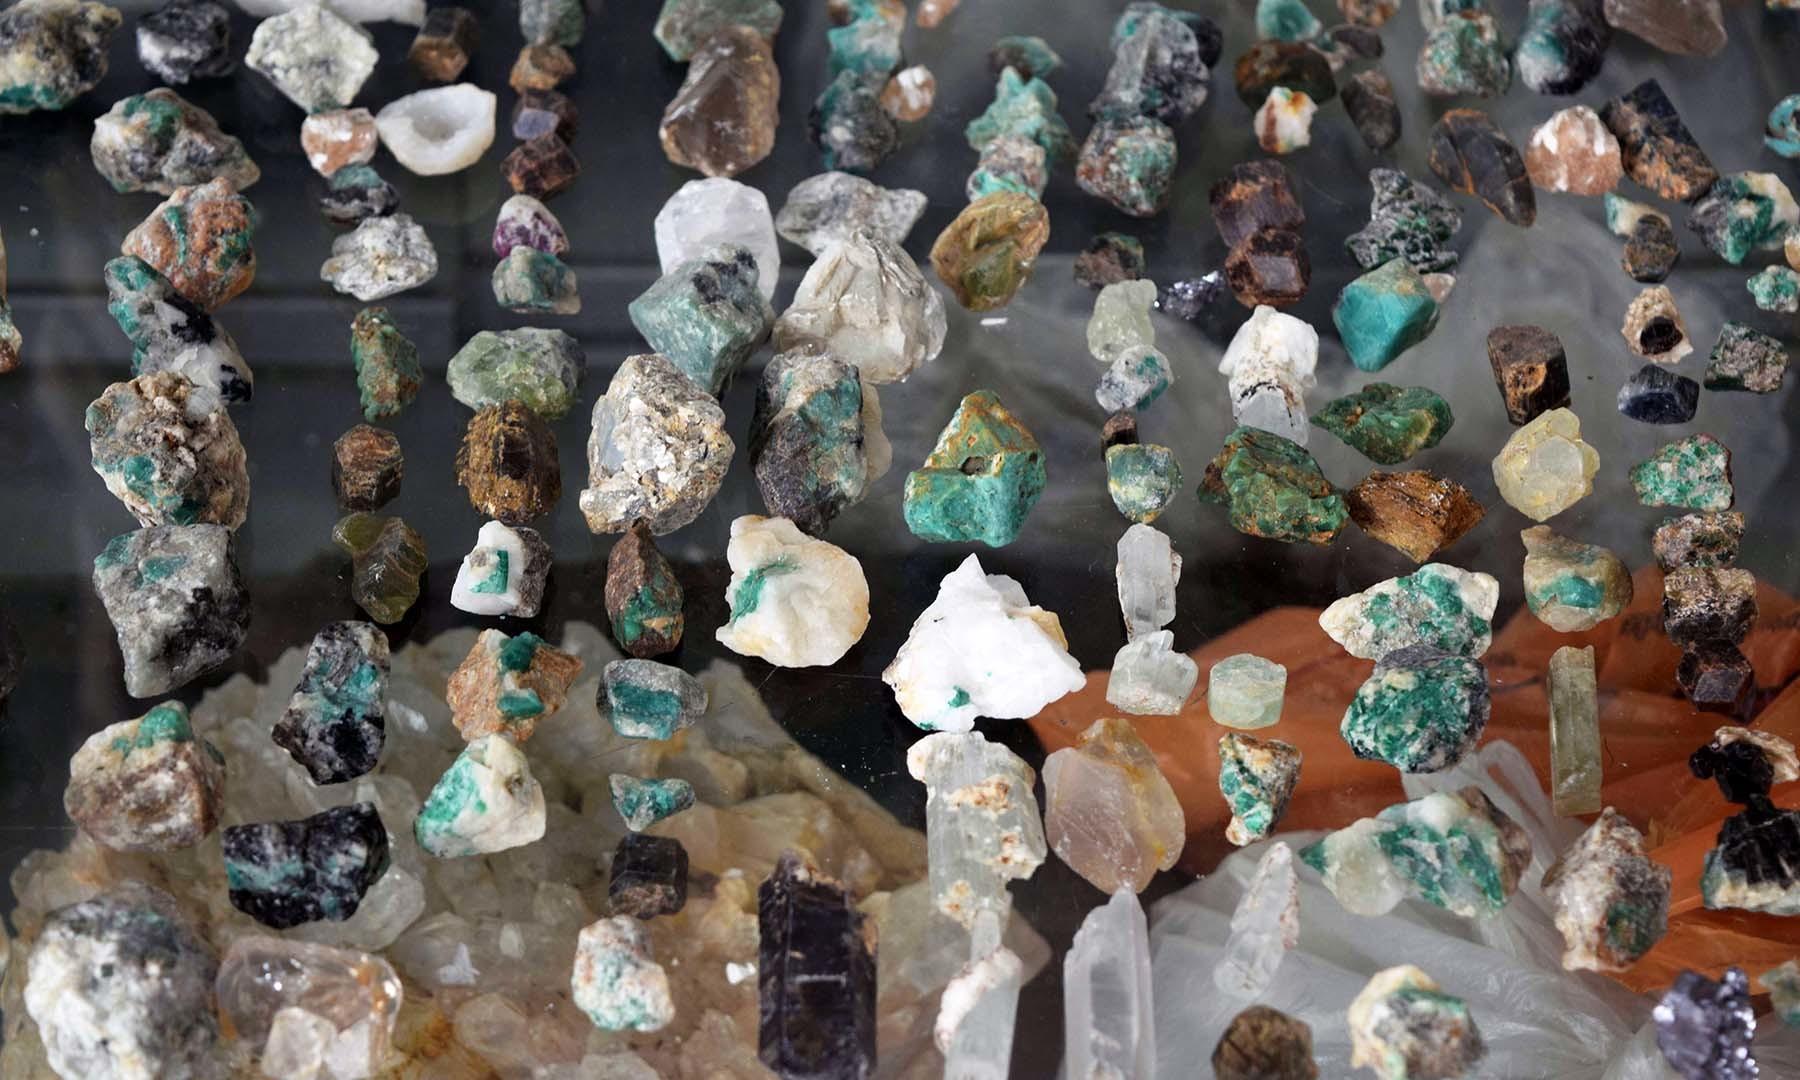 جس پتھر کا رنگ گہرا ہرا ہوتا ہے، اس کی قیمت زیادہ ہوتی ہے اور جس کا رنگ کمزور ہوتا ہے، اس کی قیمت کم ہوتی ہے۔